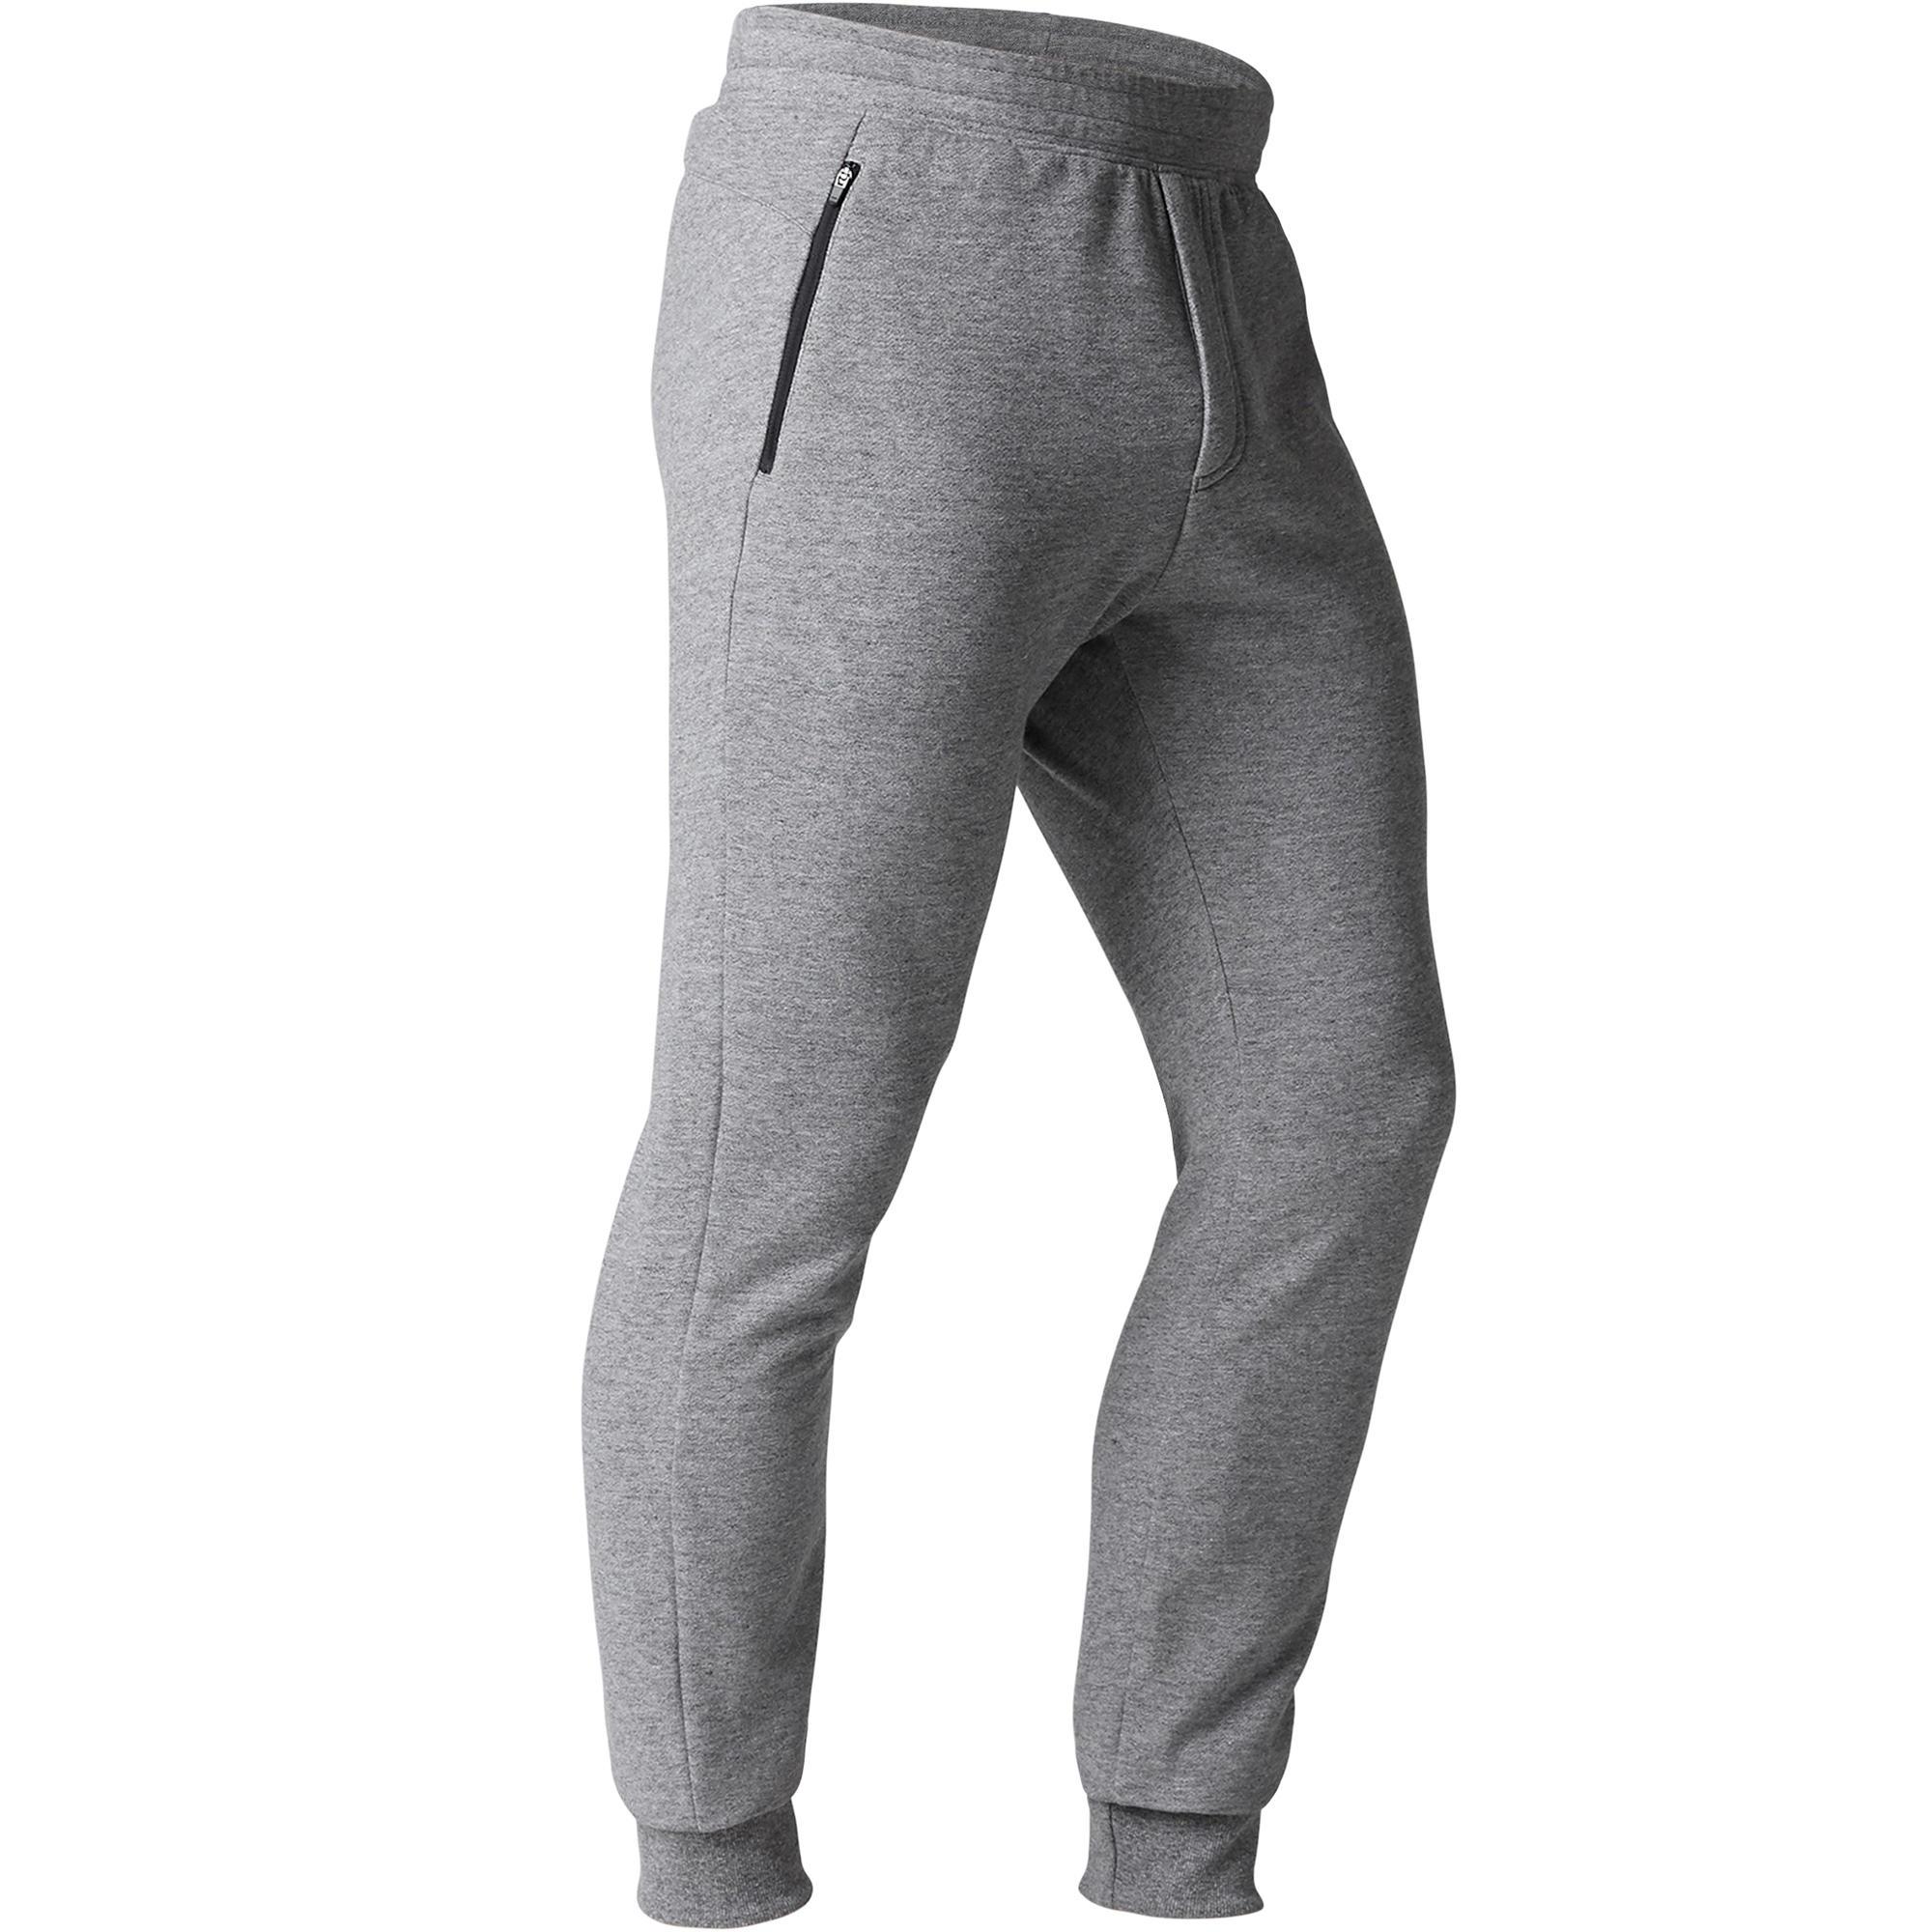 9bc9015f098ca Pantalones Algodón Fitness - Decathlon